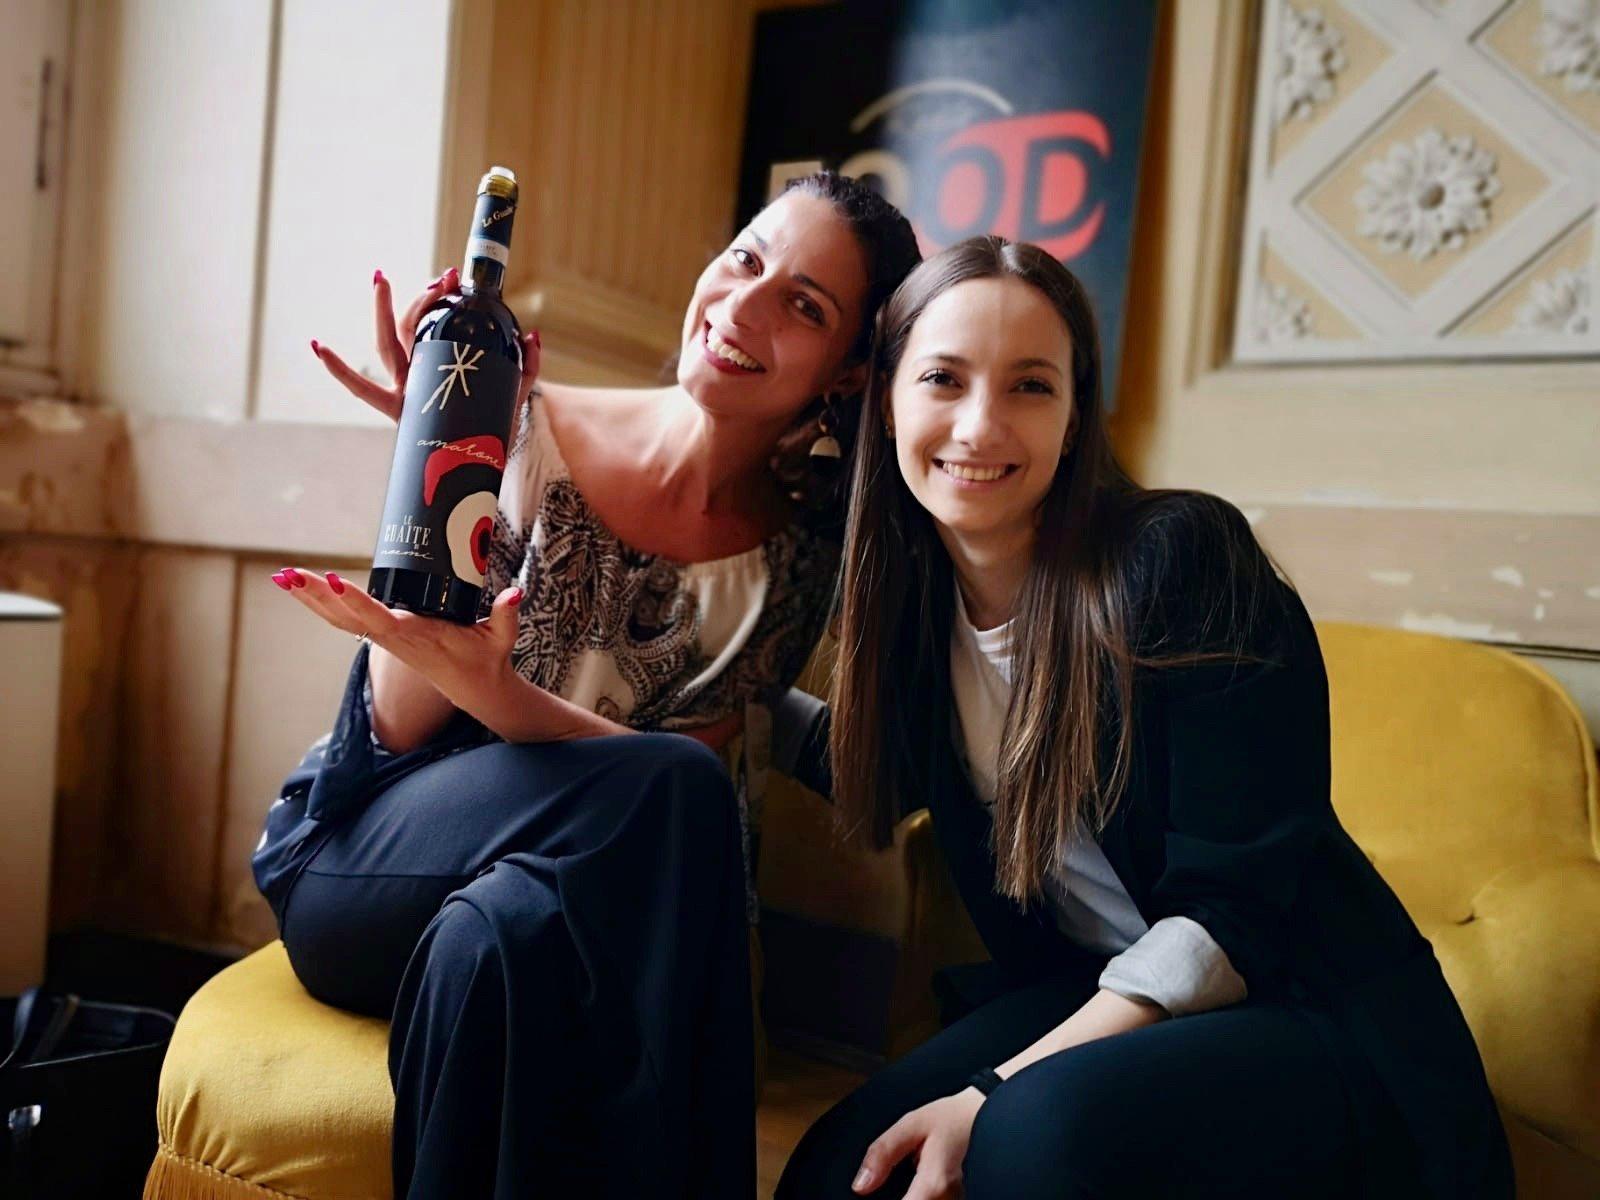 con Noemi Pizzighella - Le Guaite di Noemi